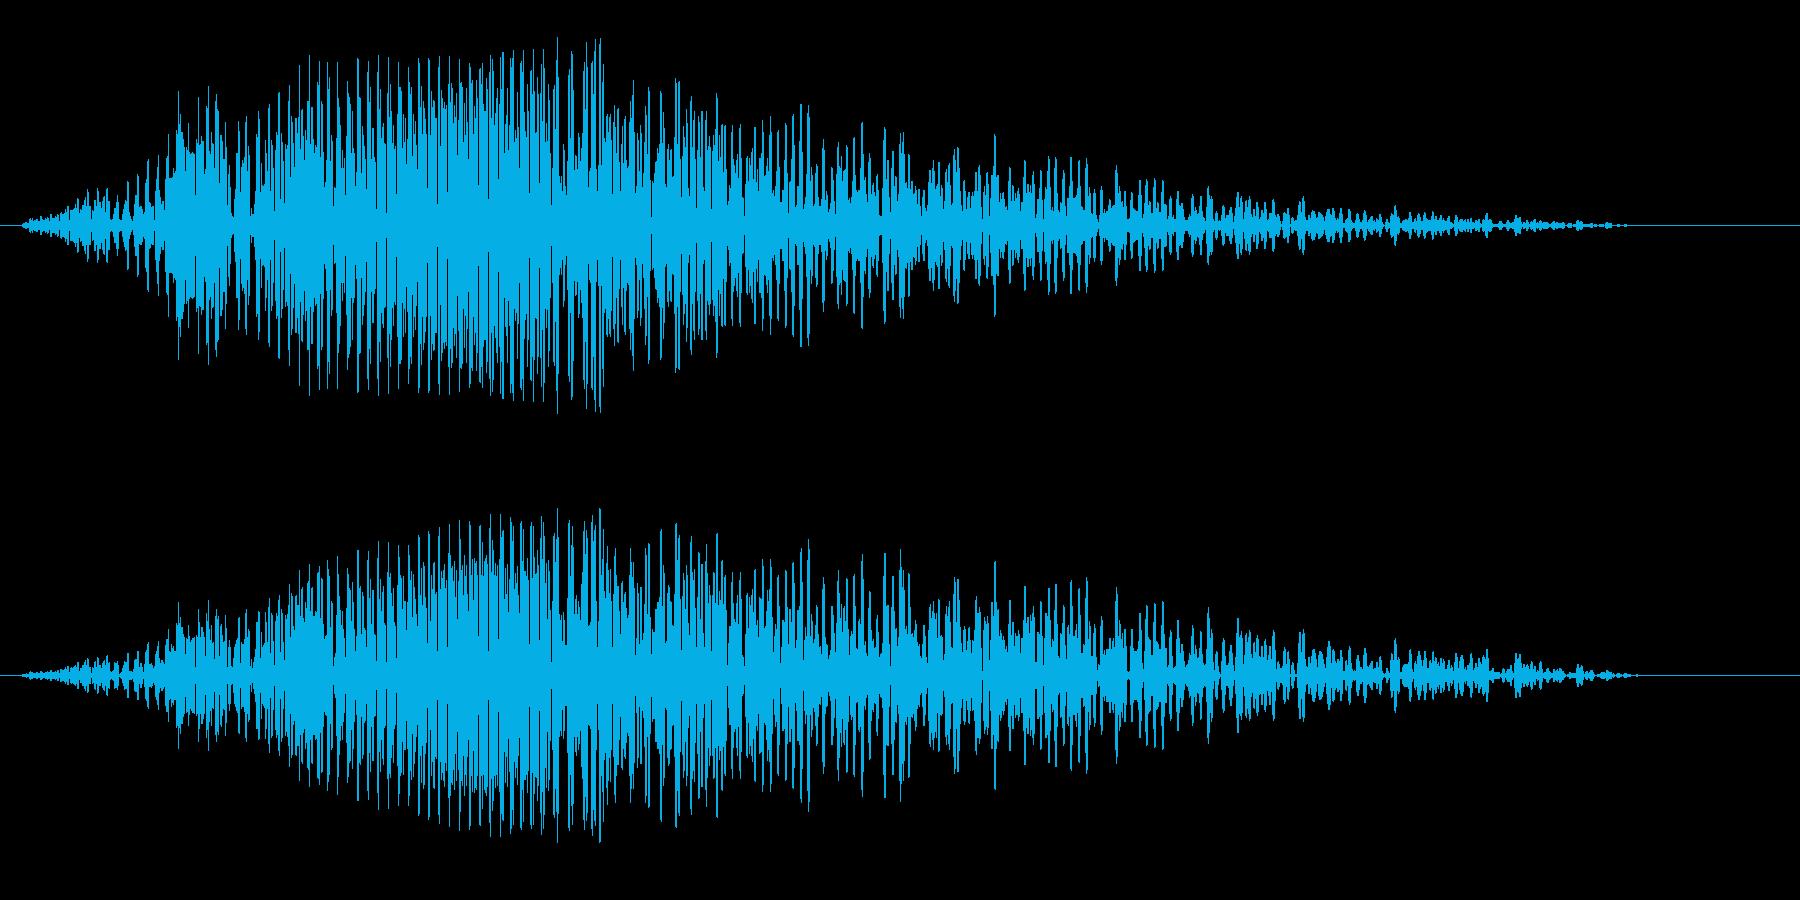 プワァオン〜(宇宙や近未来の効果音)の再生済みの波形